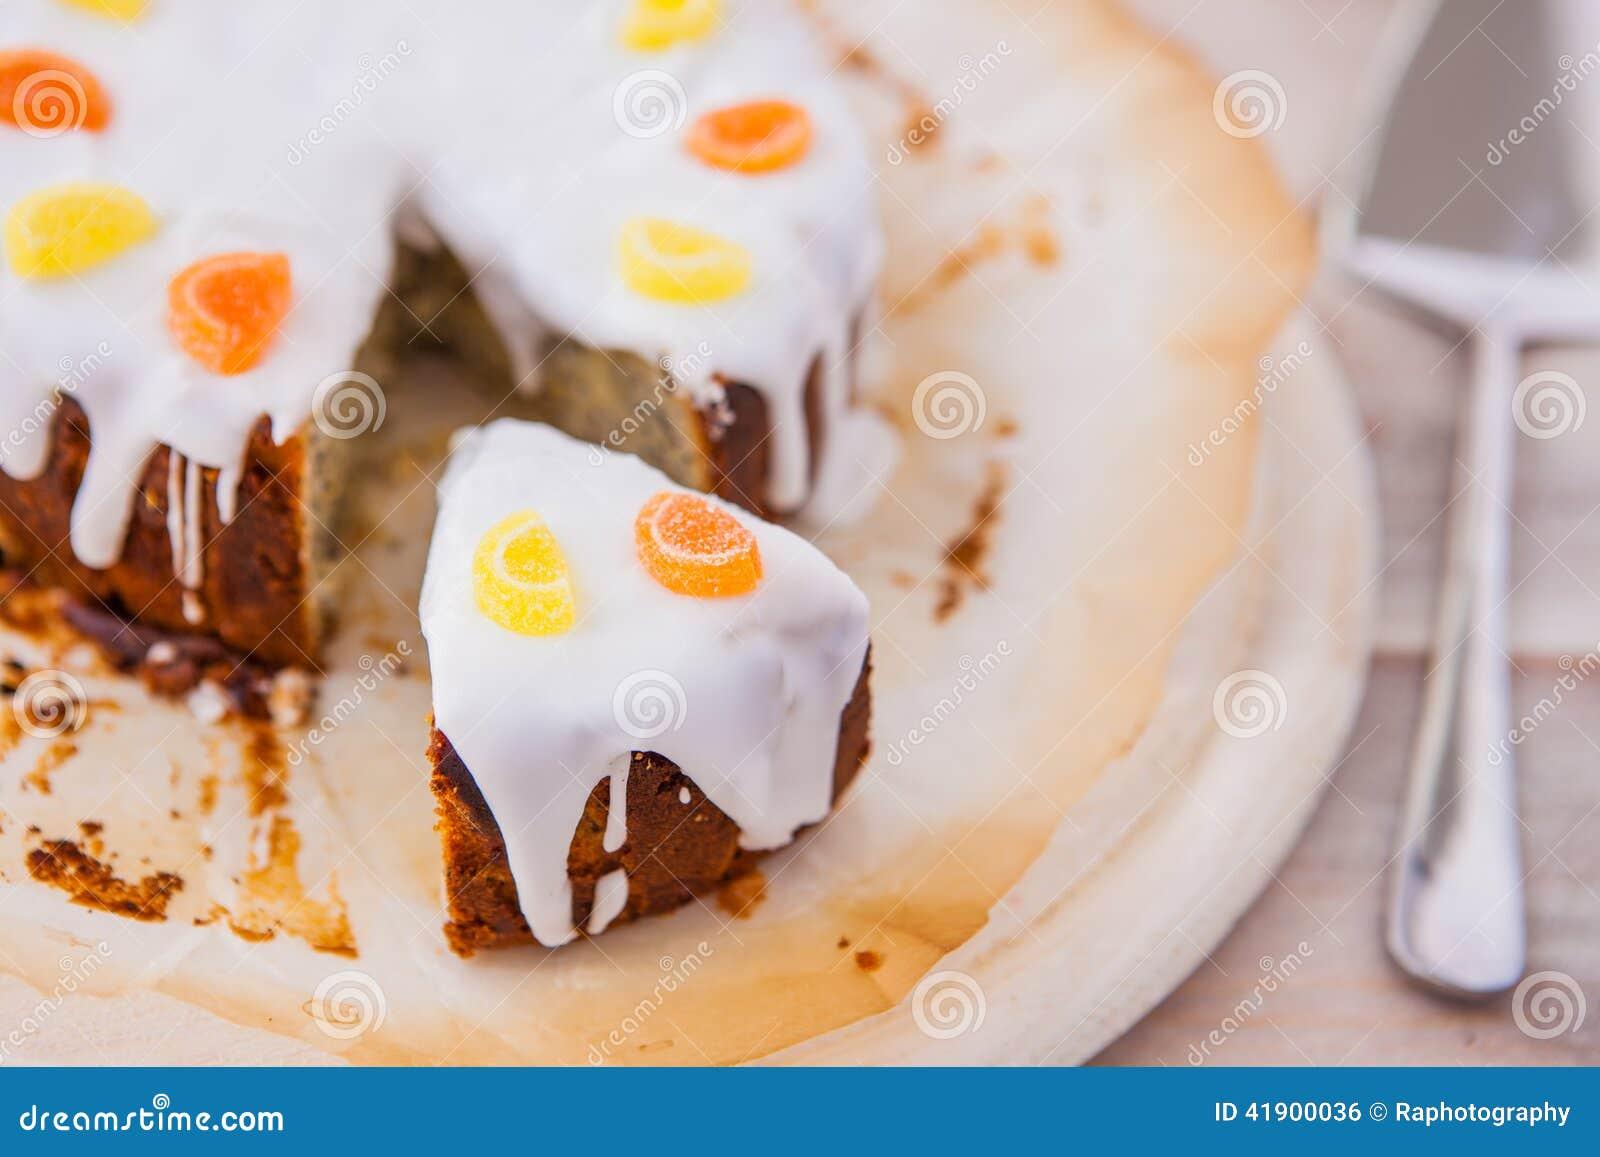 Torta deliciosa de la llovizna del limón con las semillas de amapola y la formación de hielo blanca